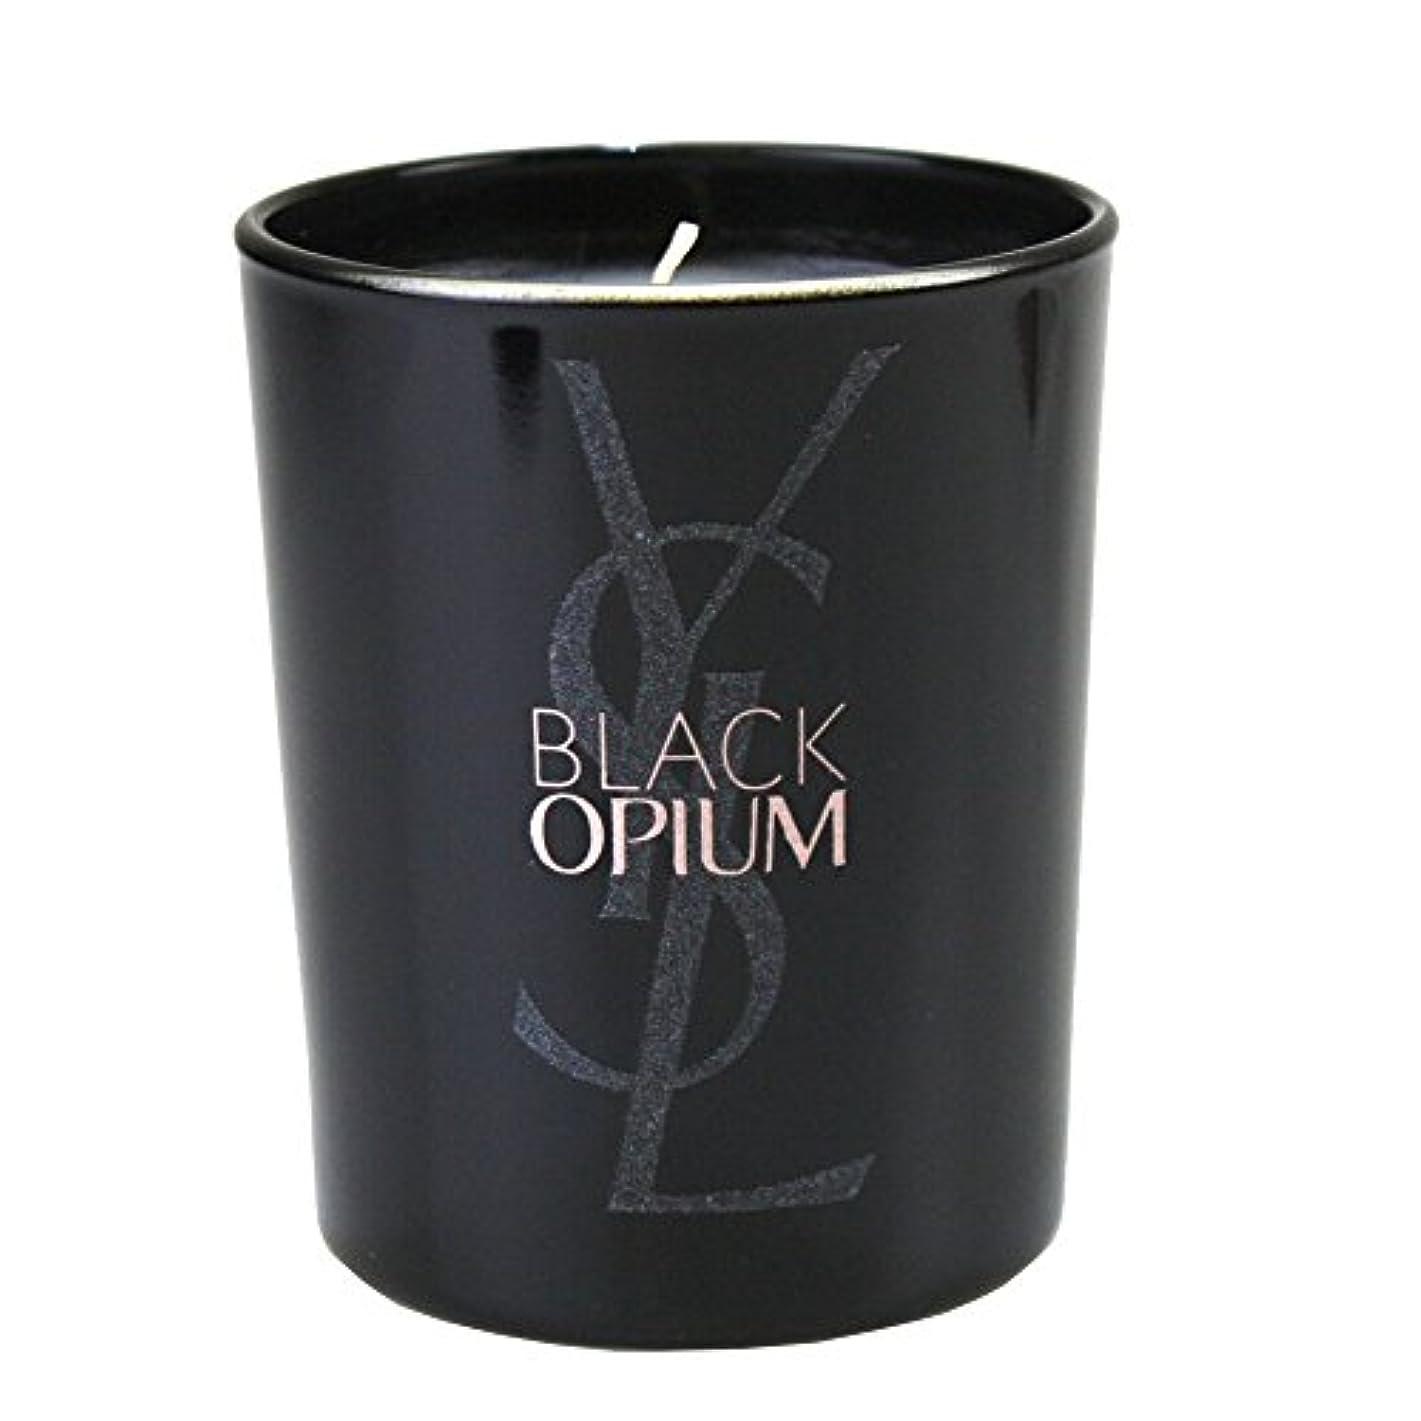 失礼な生産的犠牲(イヴ サンローラン) Yves saint Laurent アロマキャンドル パリジェンヌ BLACK OPIUM 化粧 メイク コスメ ロゴ 黒 ブラック フルーティー フローラル コーヒー ジャスミンティーペタル